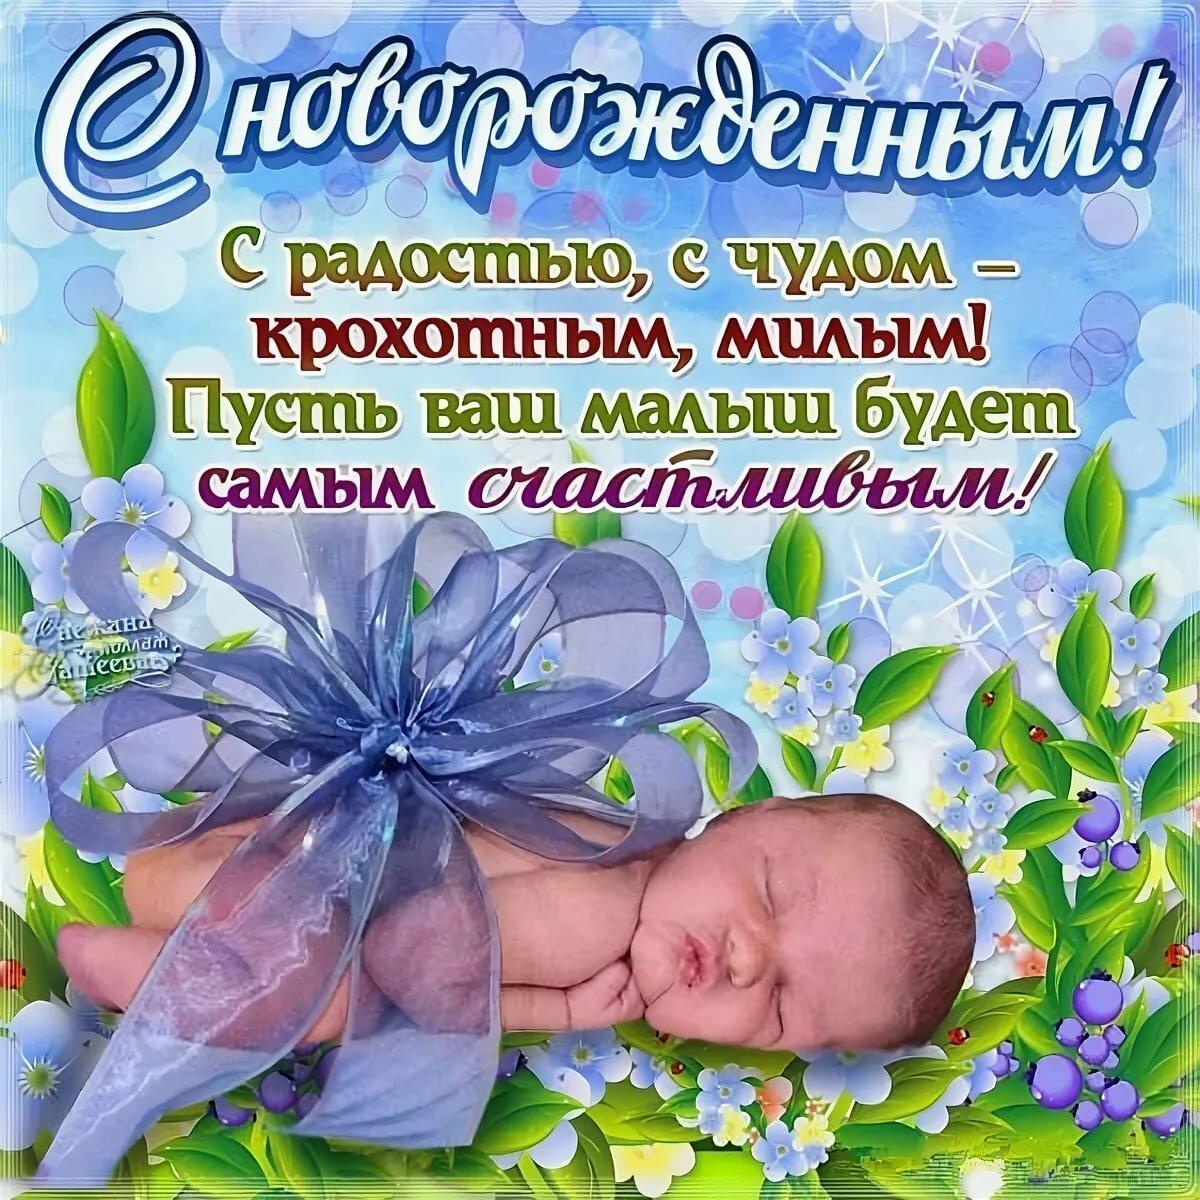 Прикольные поздравление с рождением малыша